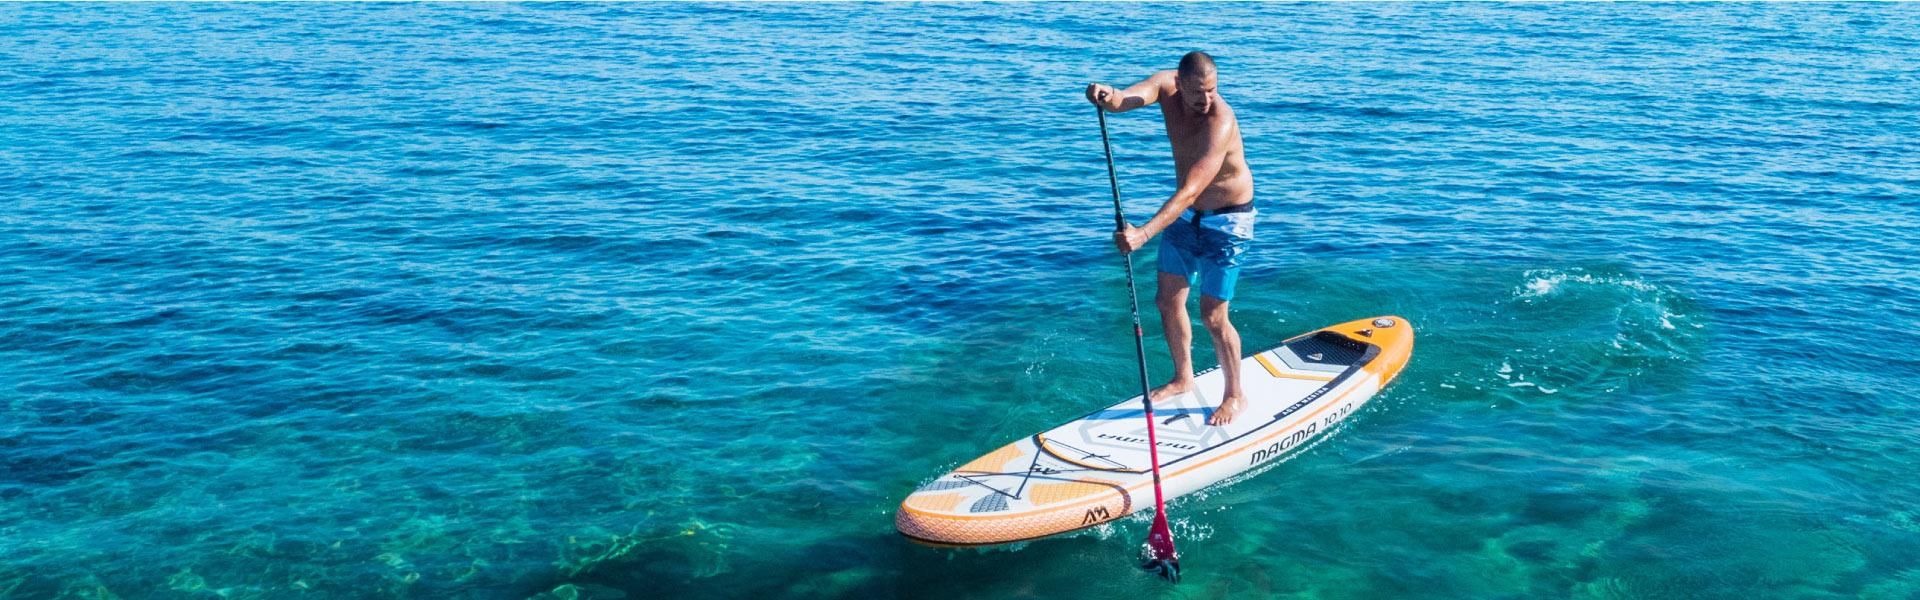 aqua marina magma sup paddle board